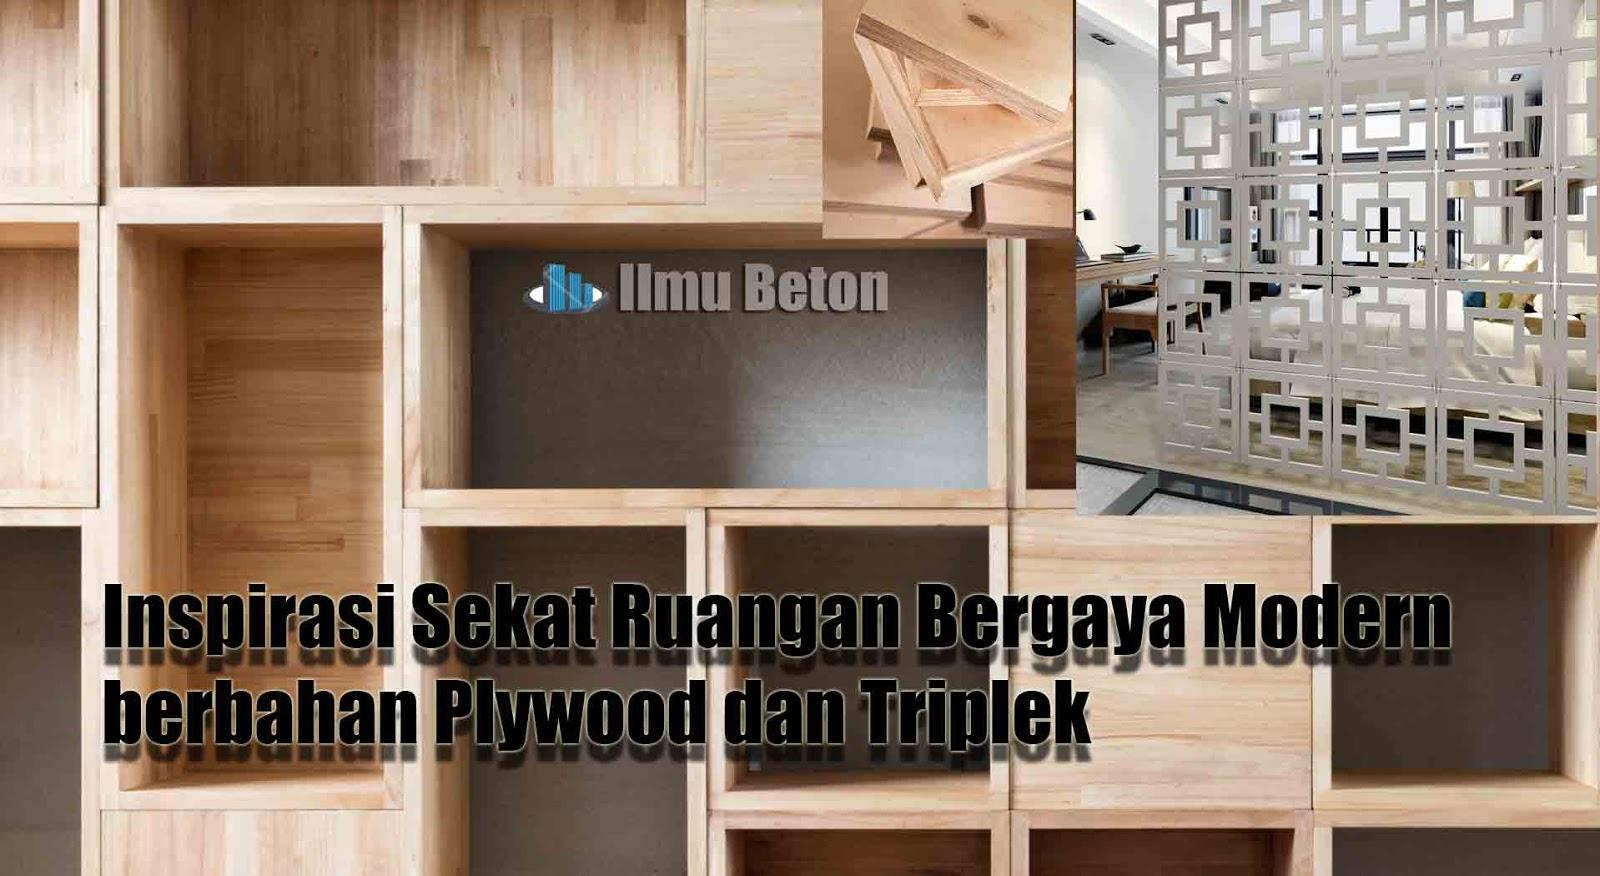 Inspirasi Sekat Ruangan Bergaya Modern berbahan Plywood dan